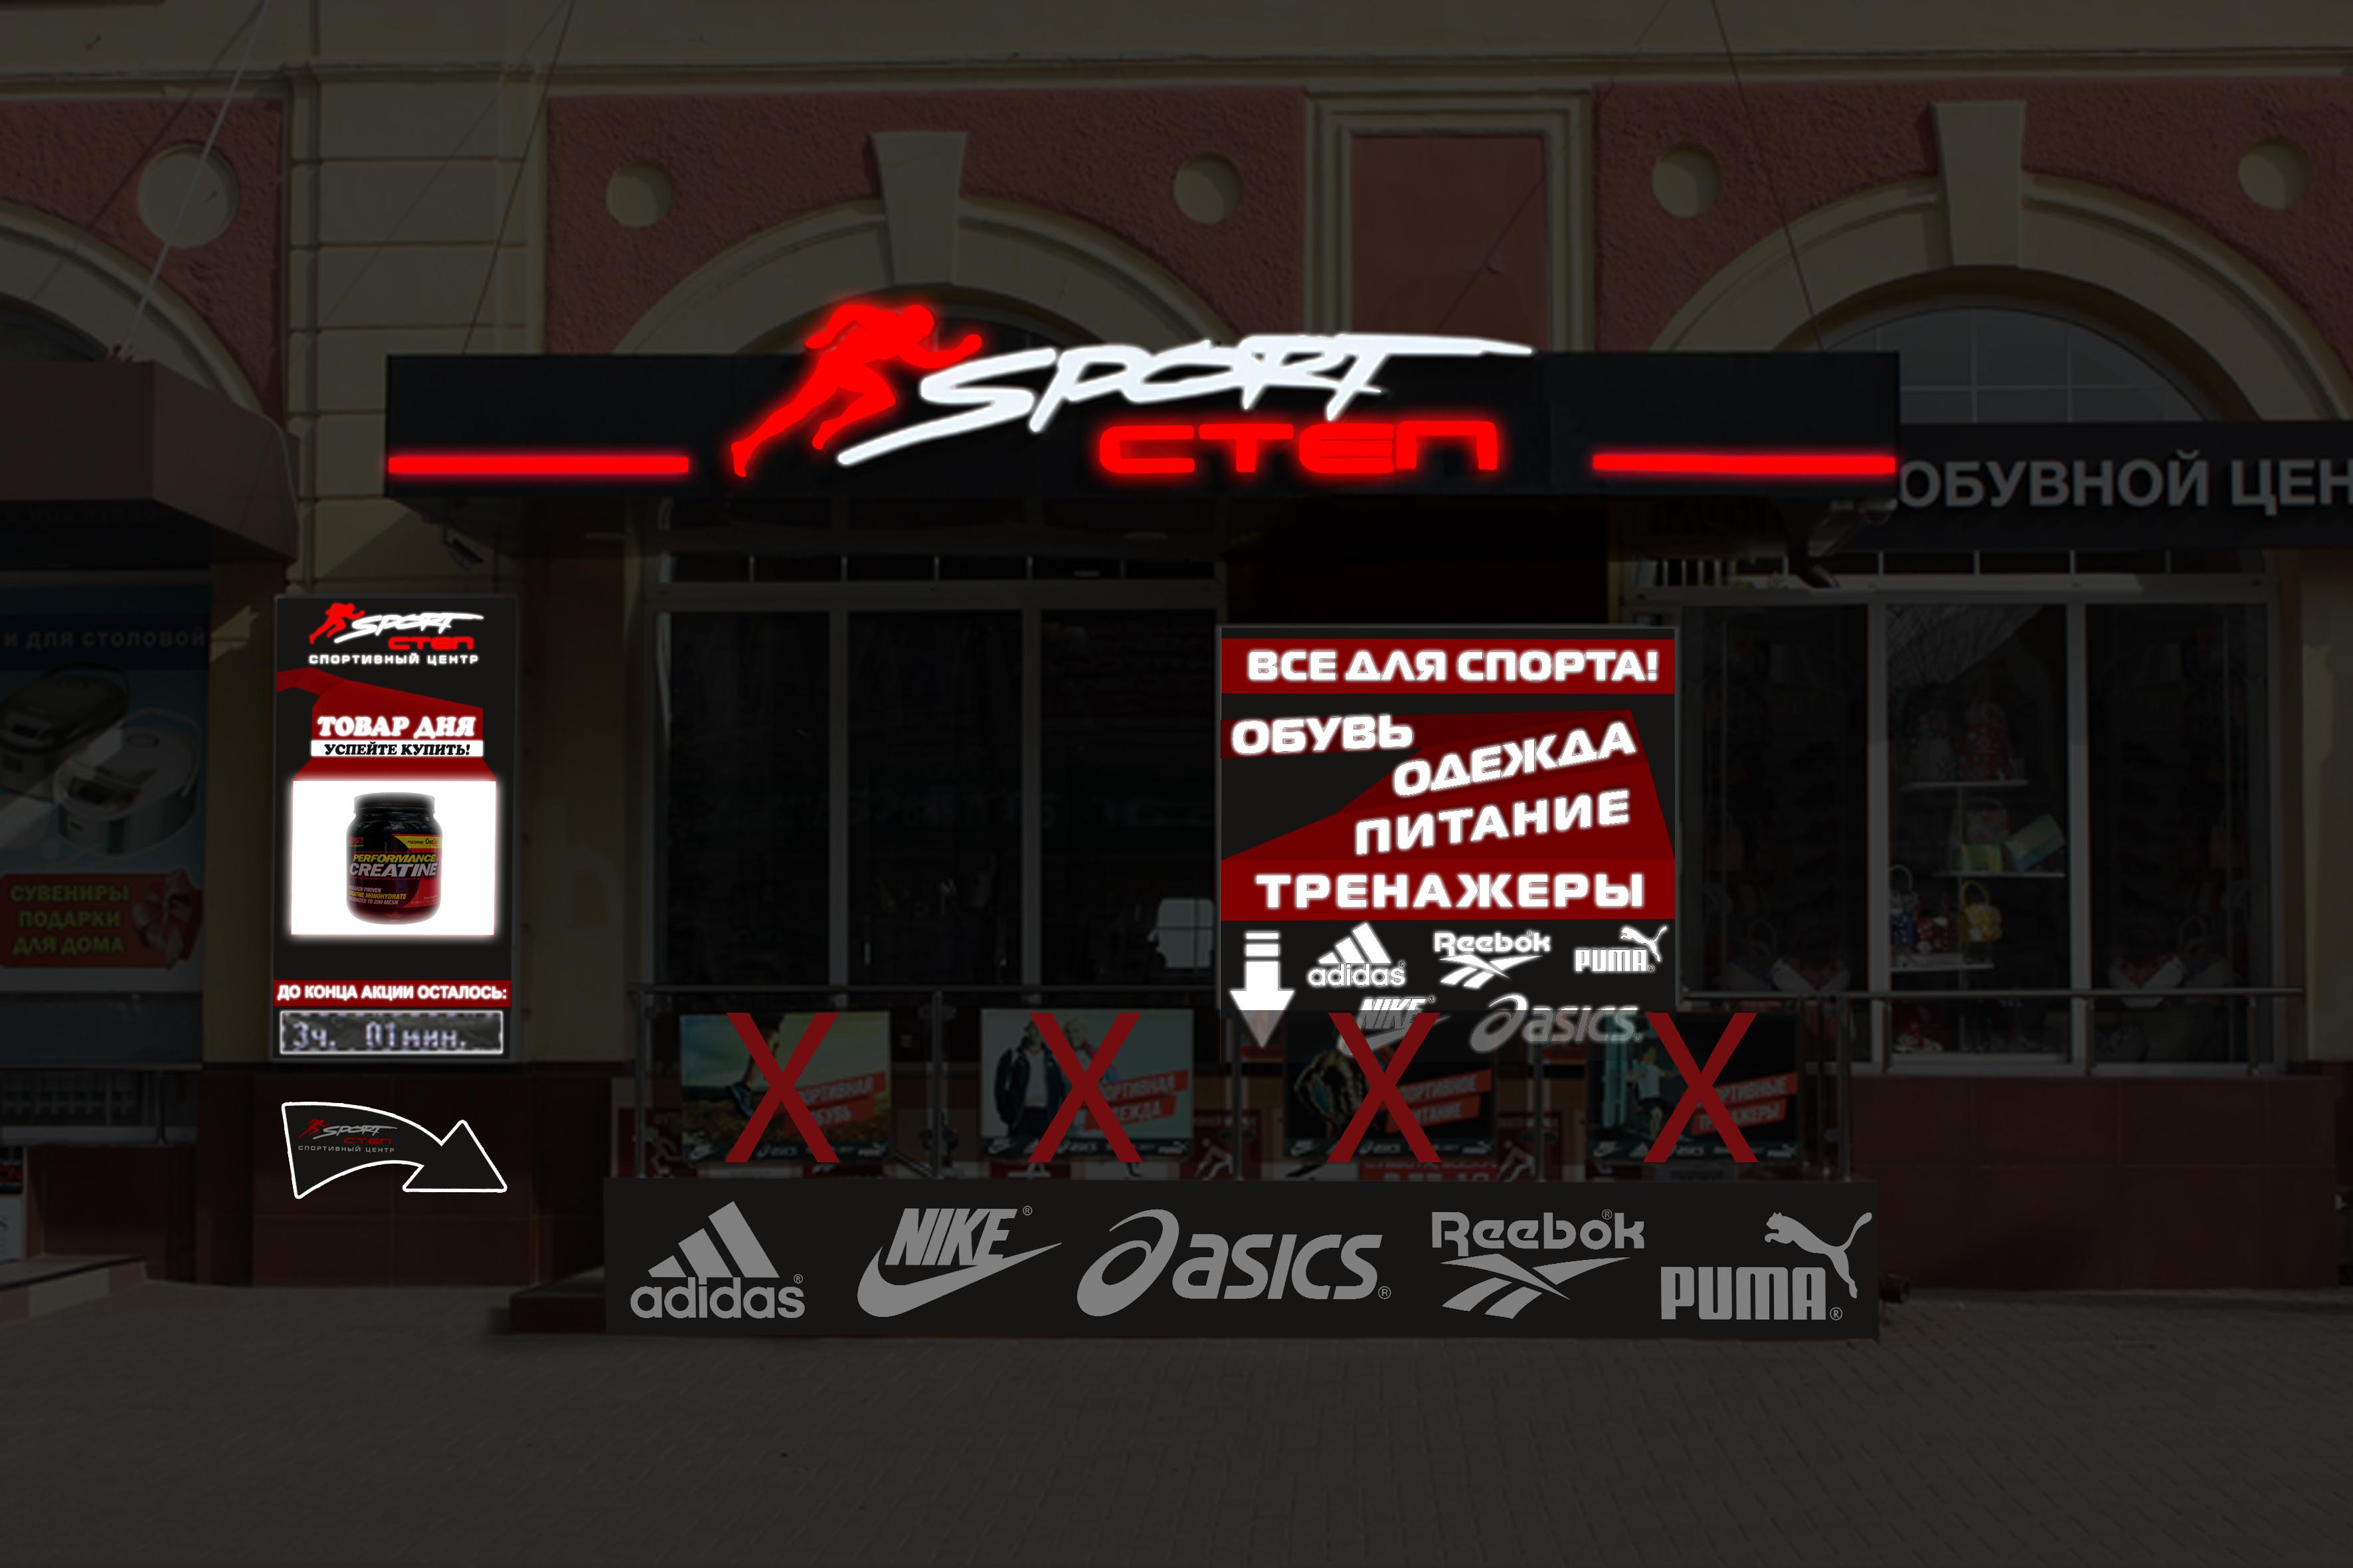 """Оформление фасада магазина спорт-товаров """"Спорт-Степ"""" фото f_07059051eb405d96.jpg"""